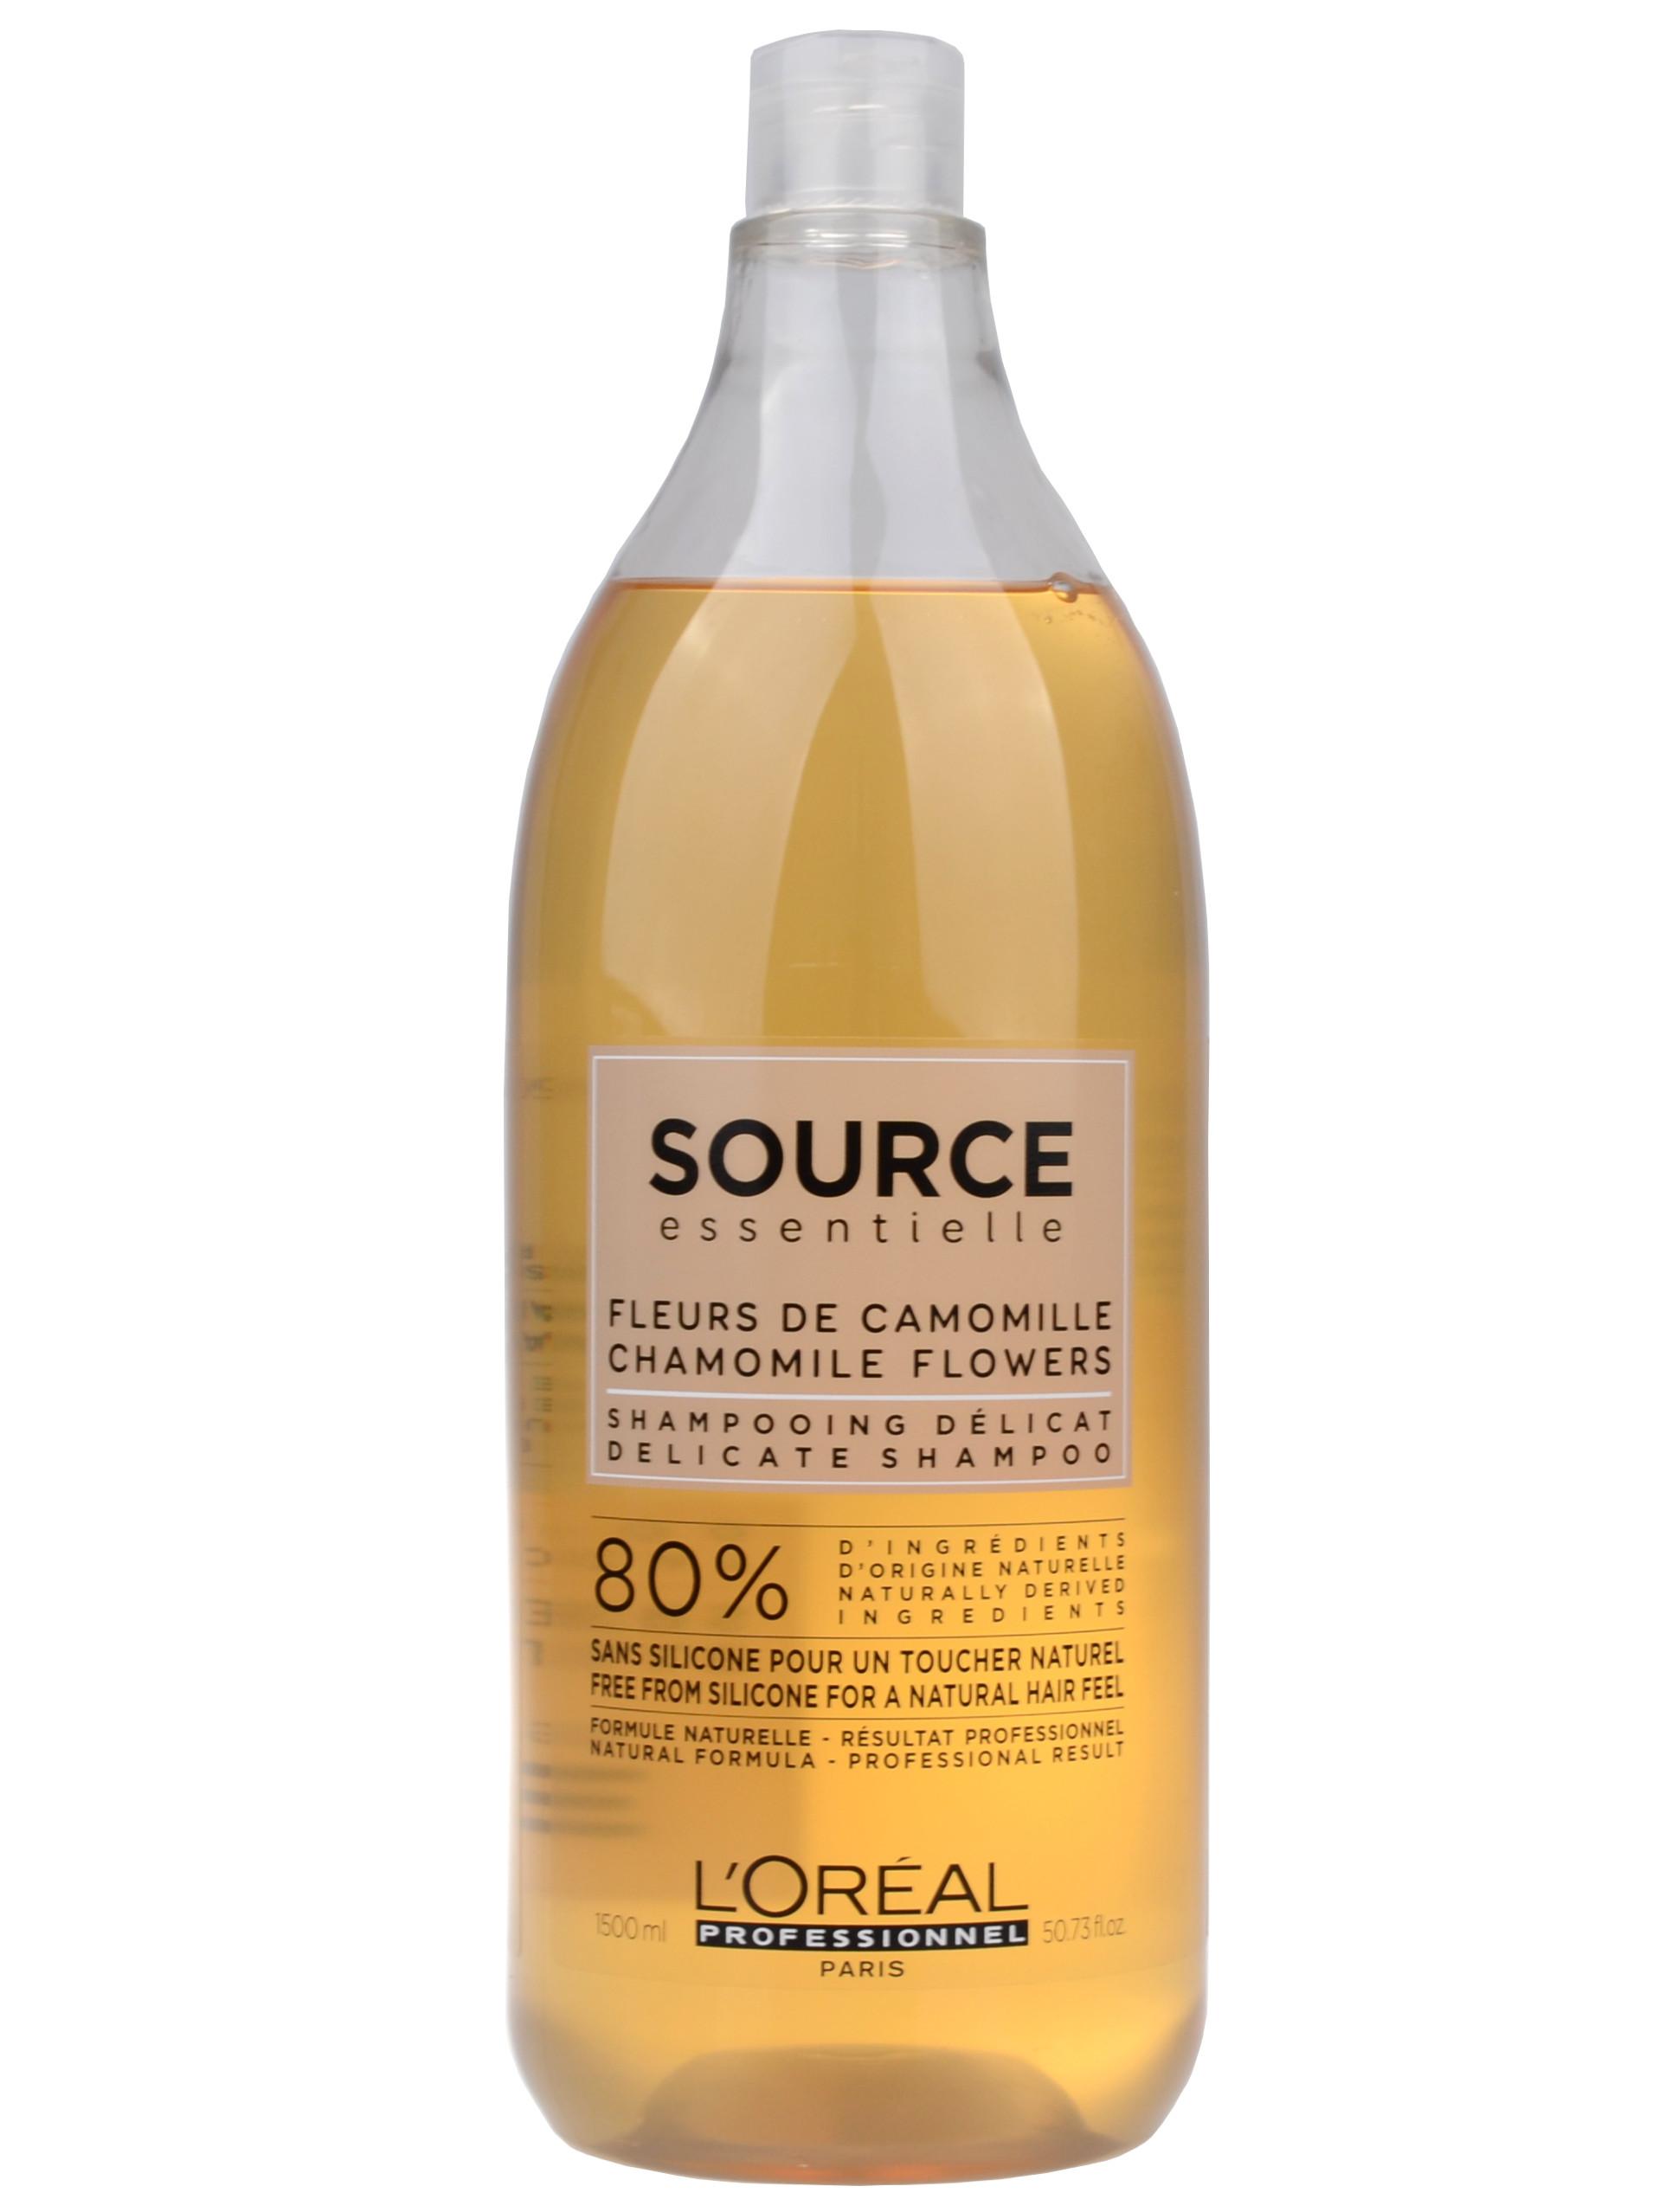 Veganský šampon pro citlivou pokožku Loréal Source Delicate - 1500 ml + DÁREK ZDARMA